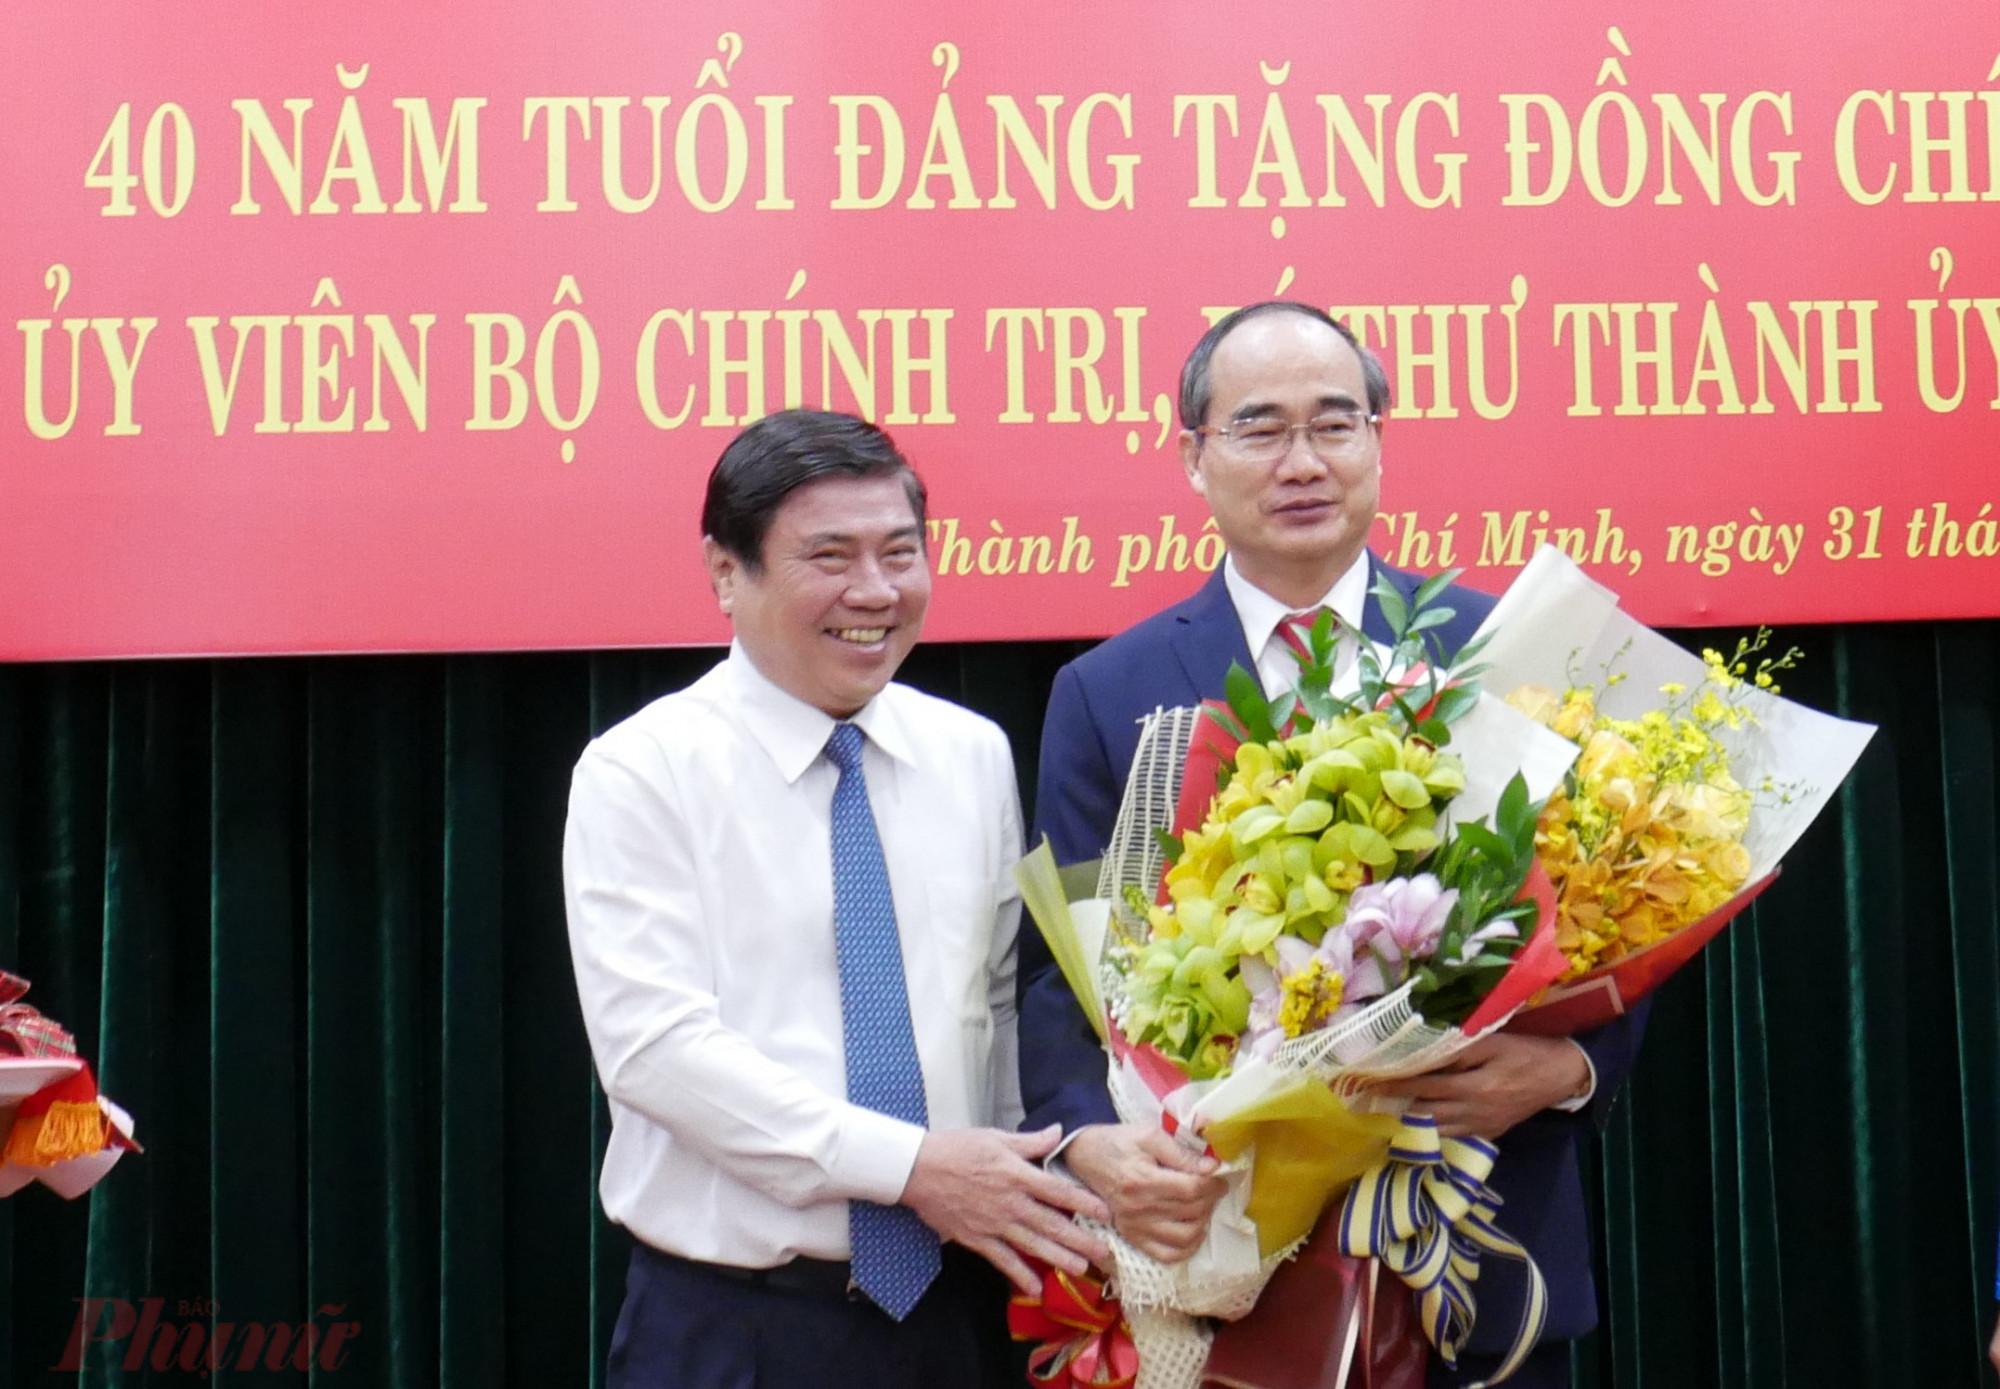 Chủ tịch UBND TPHCM Nguyễn Thành Phong tặng hoa chúc mừng Bí Thư Thành ủy nhân huy hiệu 40 năm tuổi Đảng.